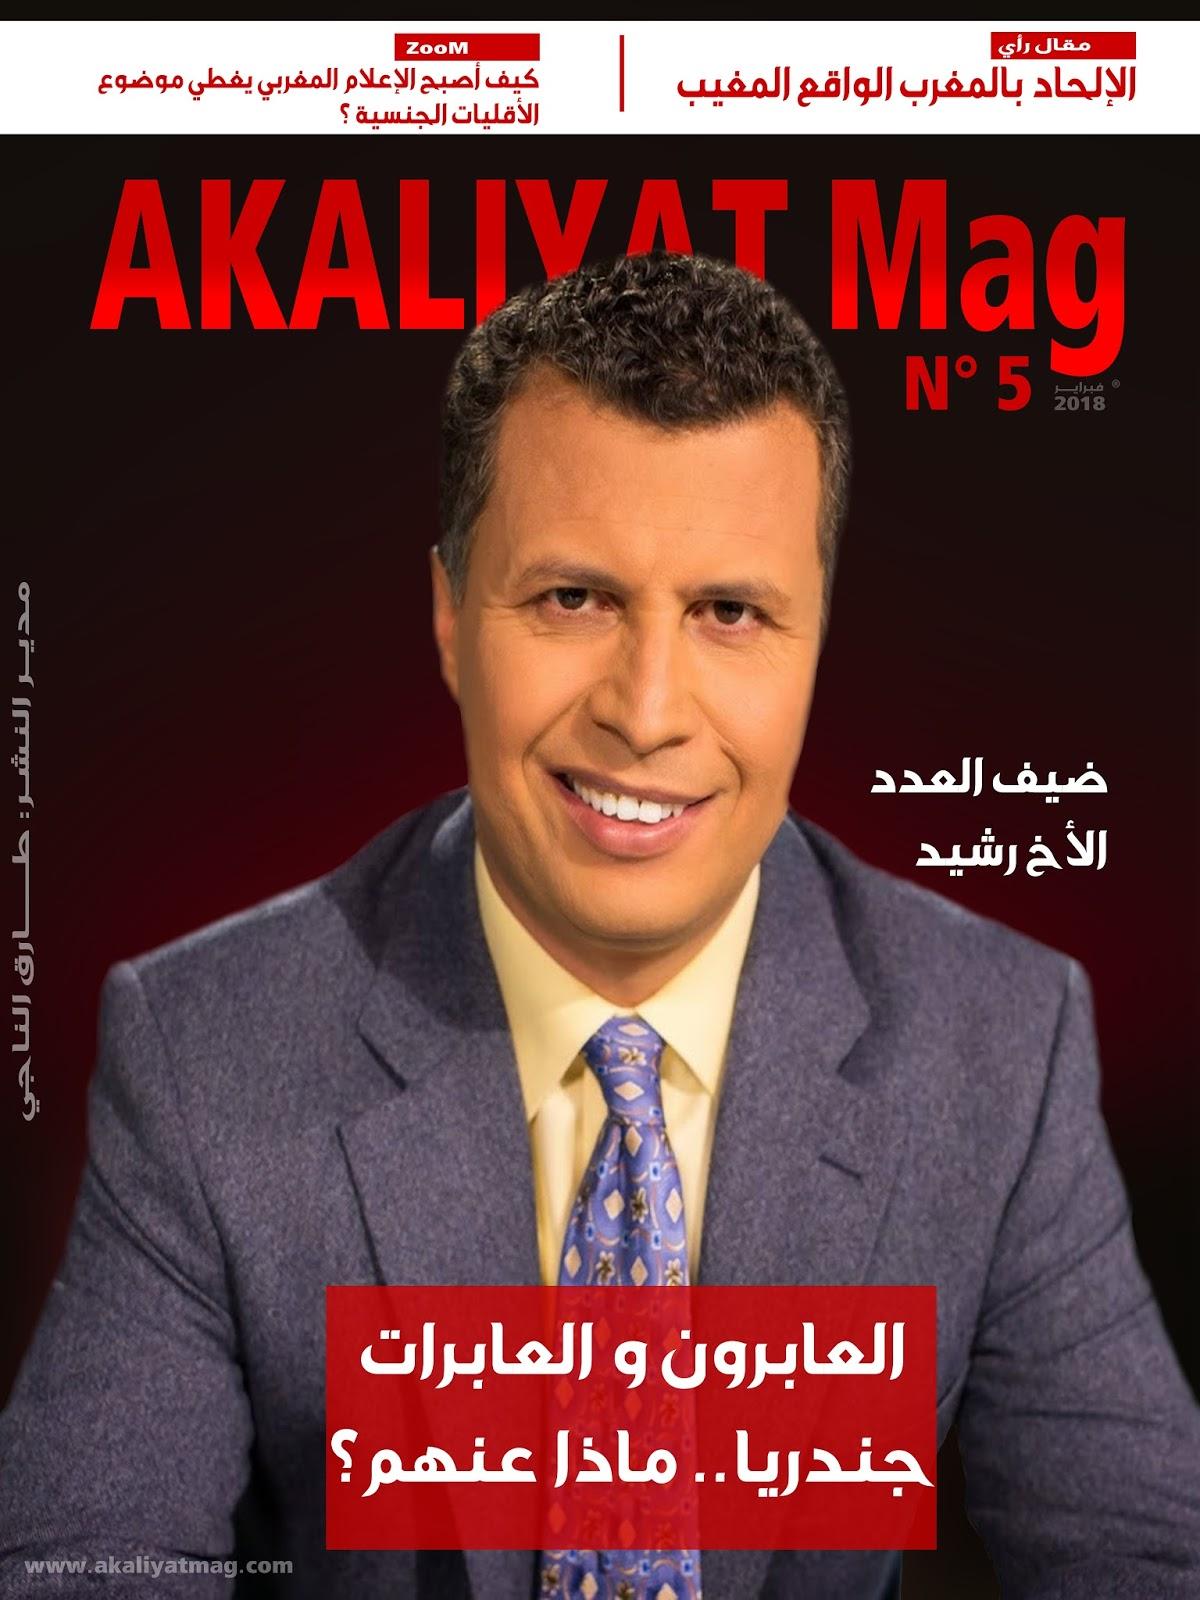 حمل العدد الآخير من المجلة مجانا